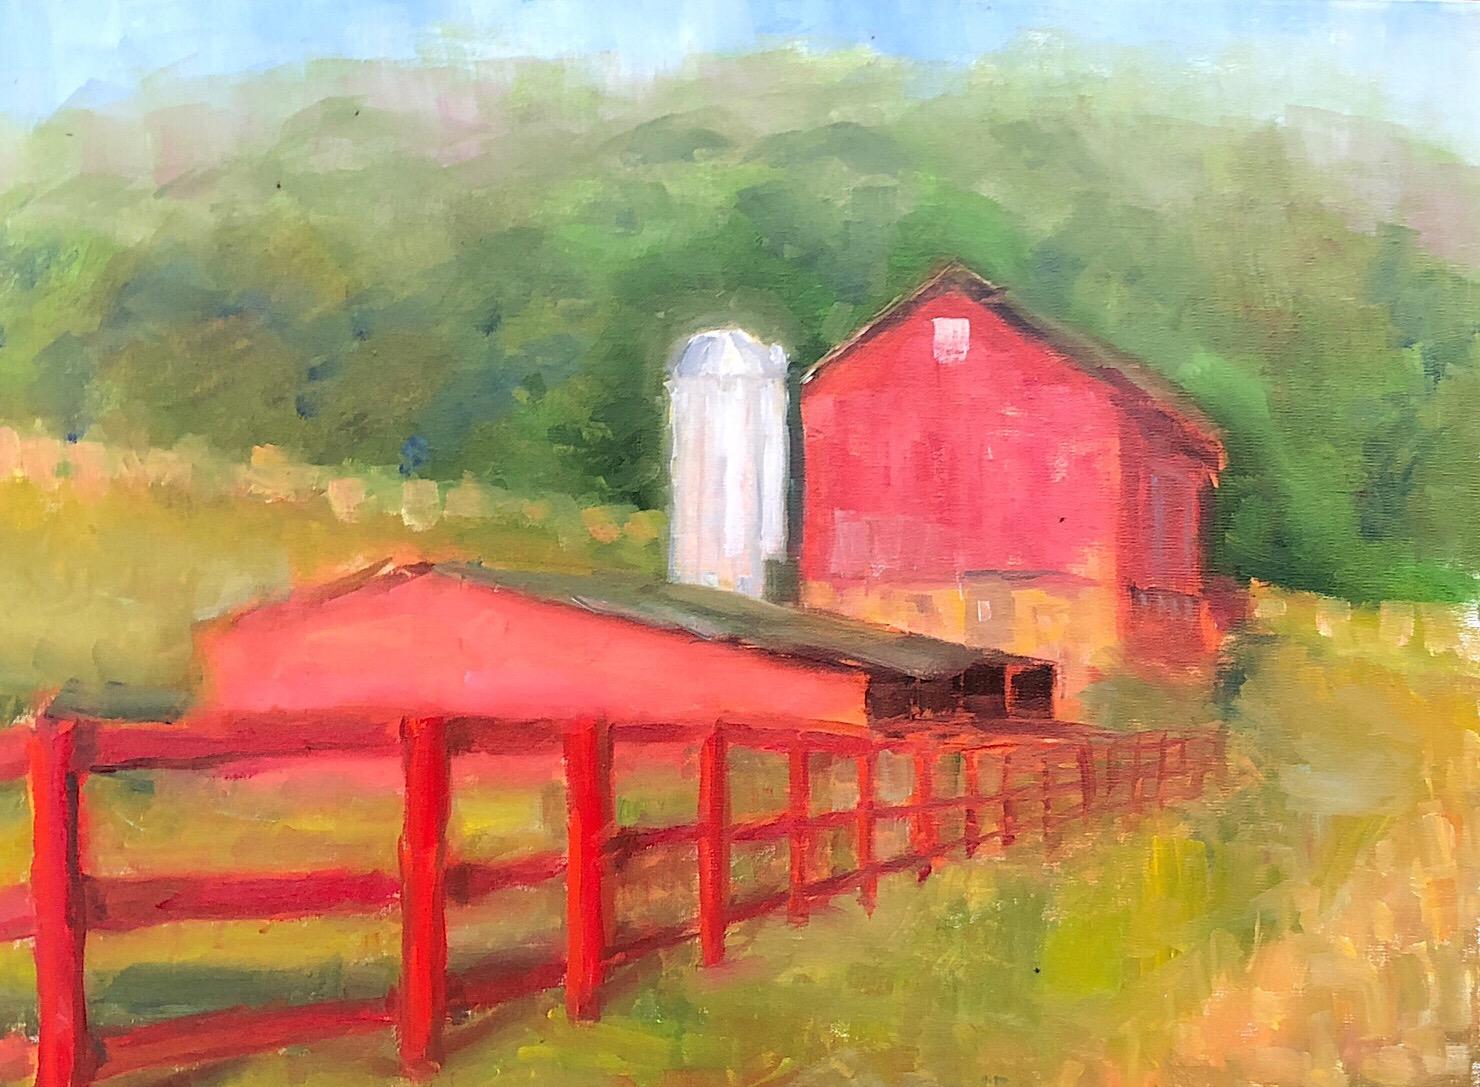 """Geoff Watson, 'Farm,"""" oil on linen, 18"""" x 24,"""" 2018."""